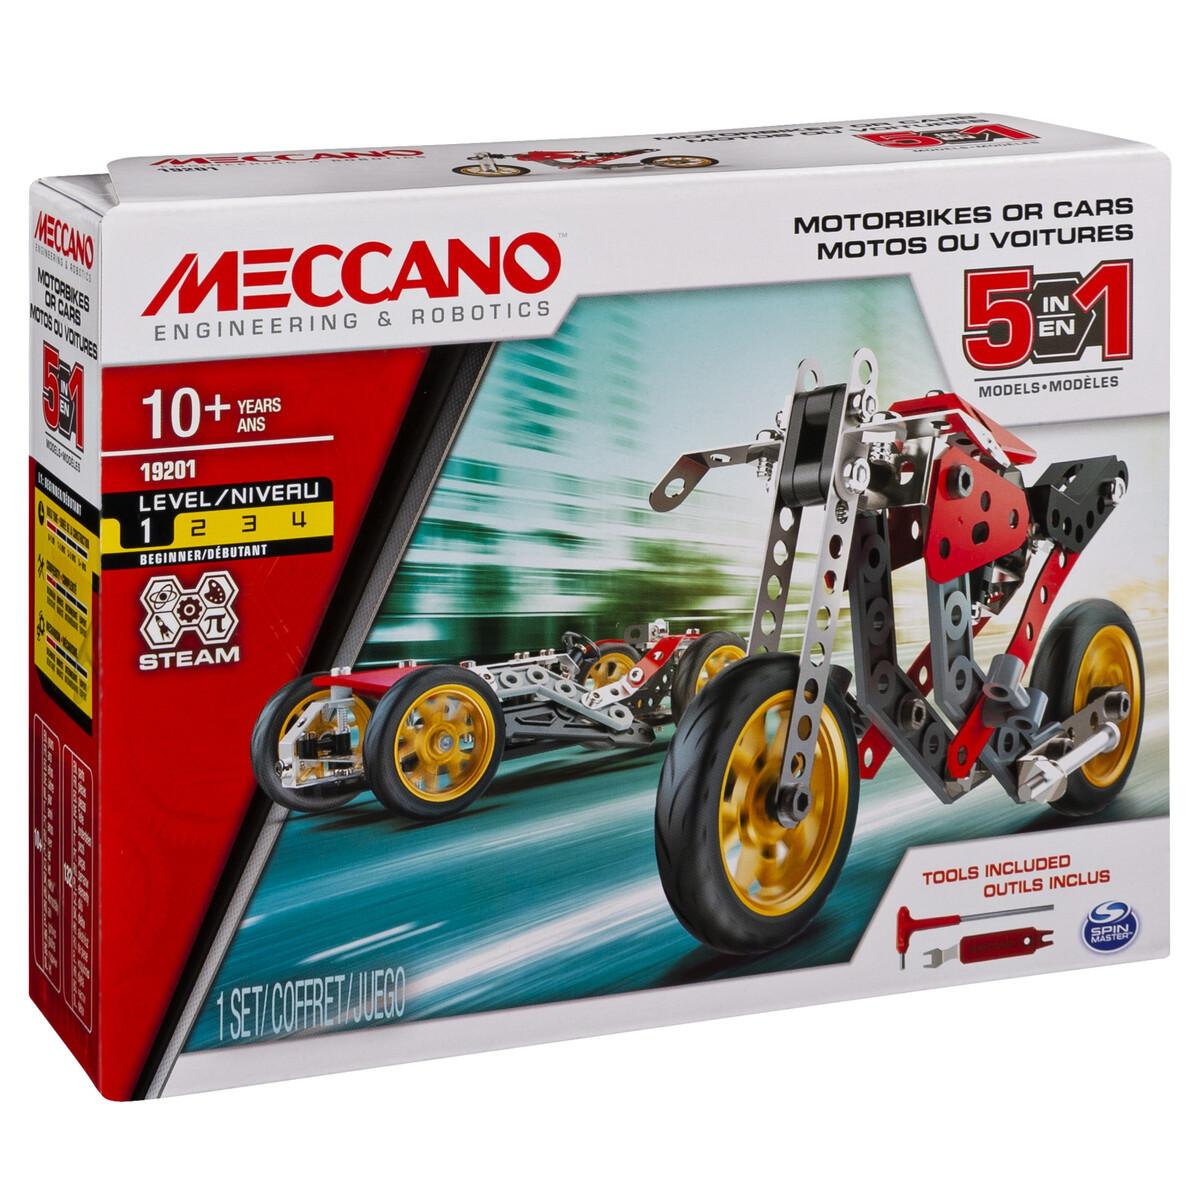 MECCANO MULTI MODELLO DA 5 - MOTO DA CORSA 6053371